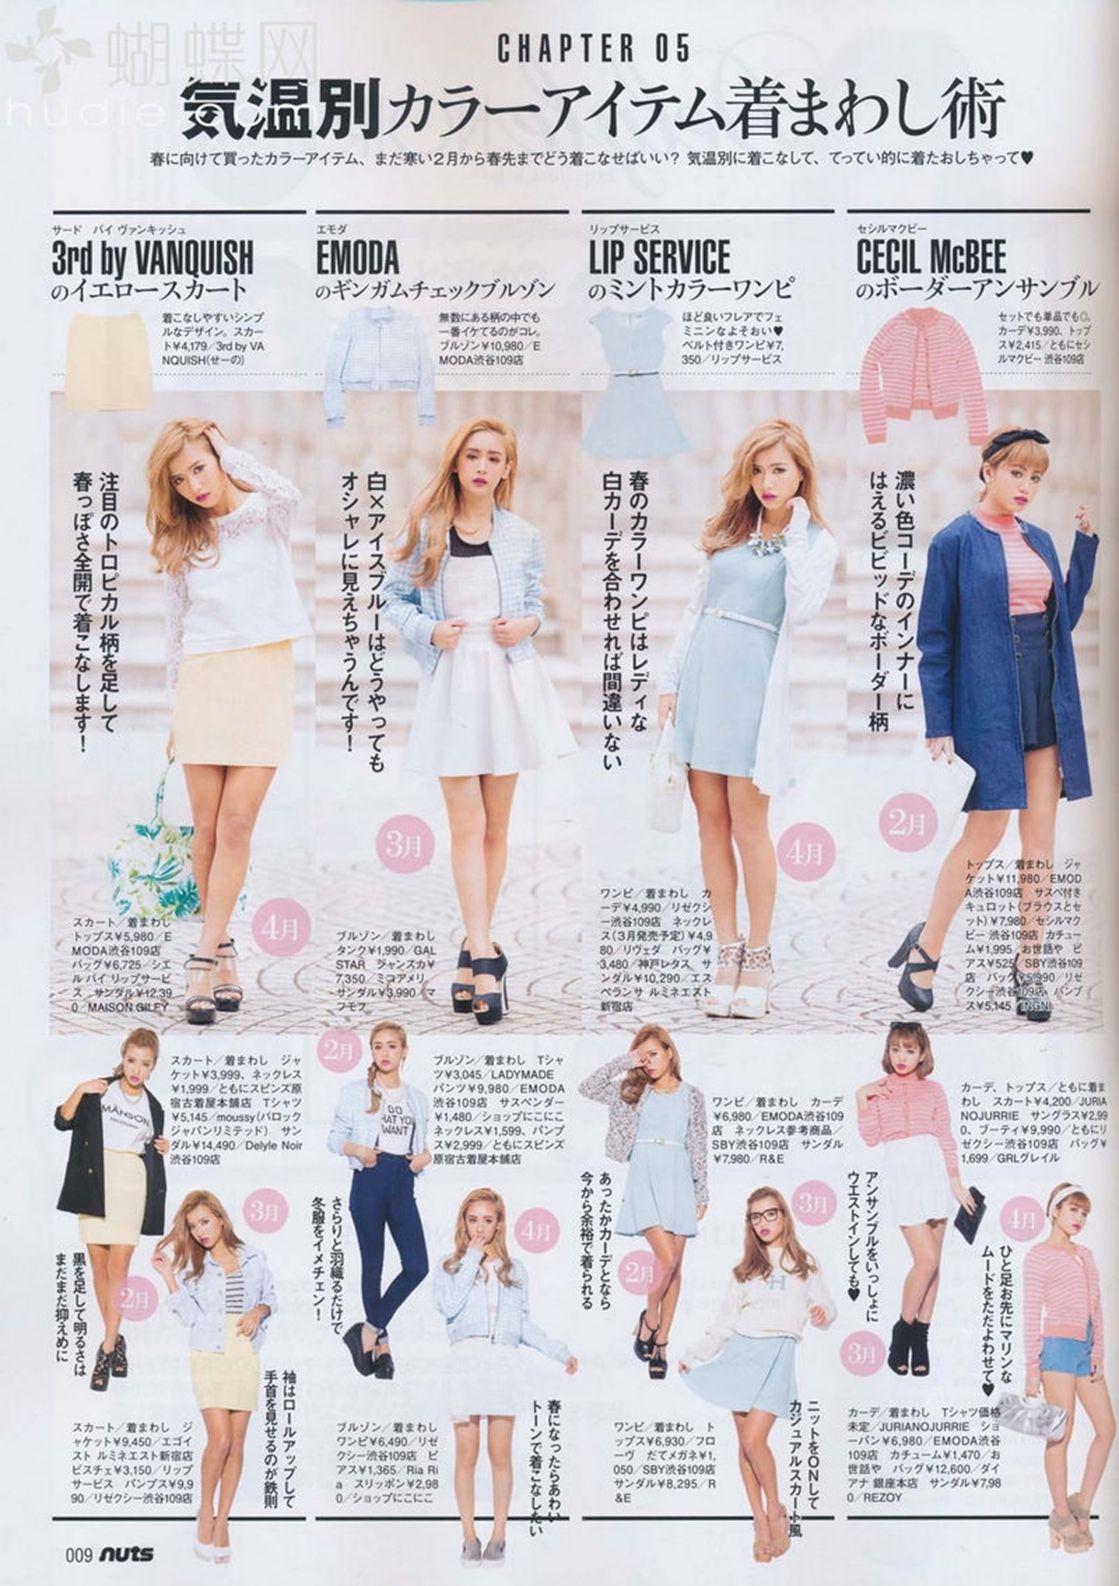 gyaru magazine, happit nuts, outfits